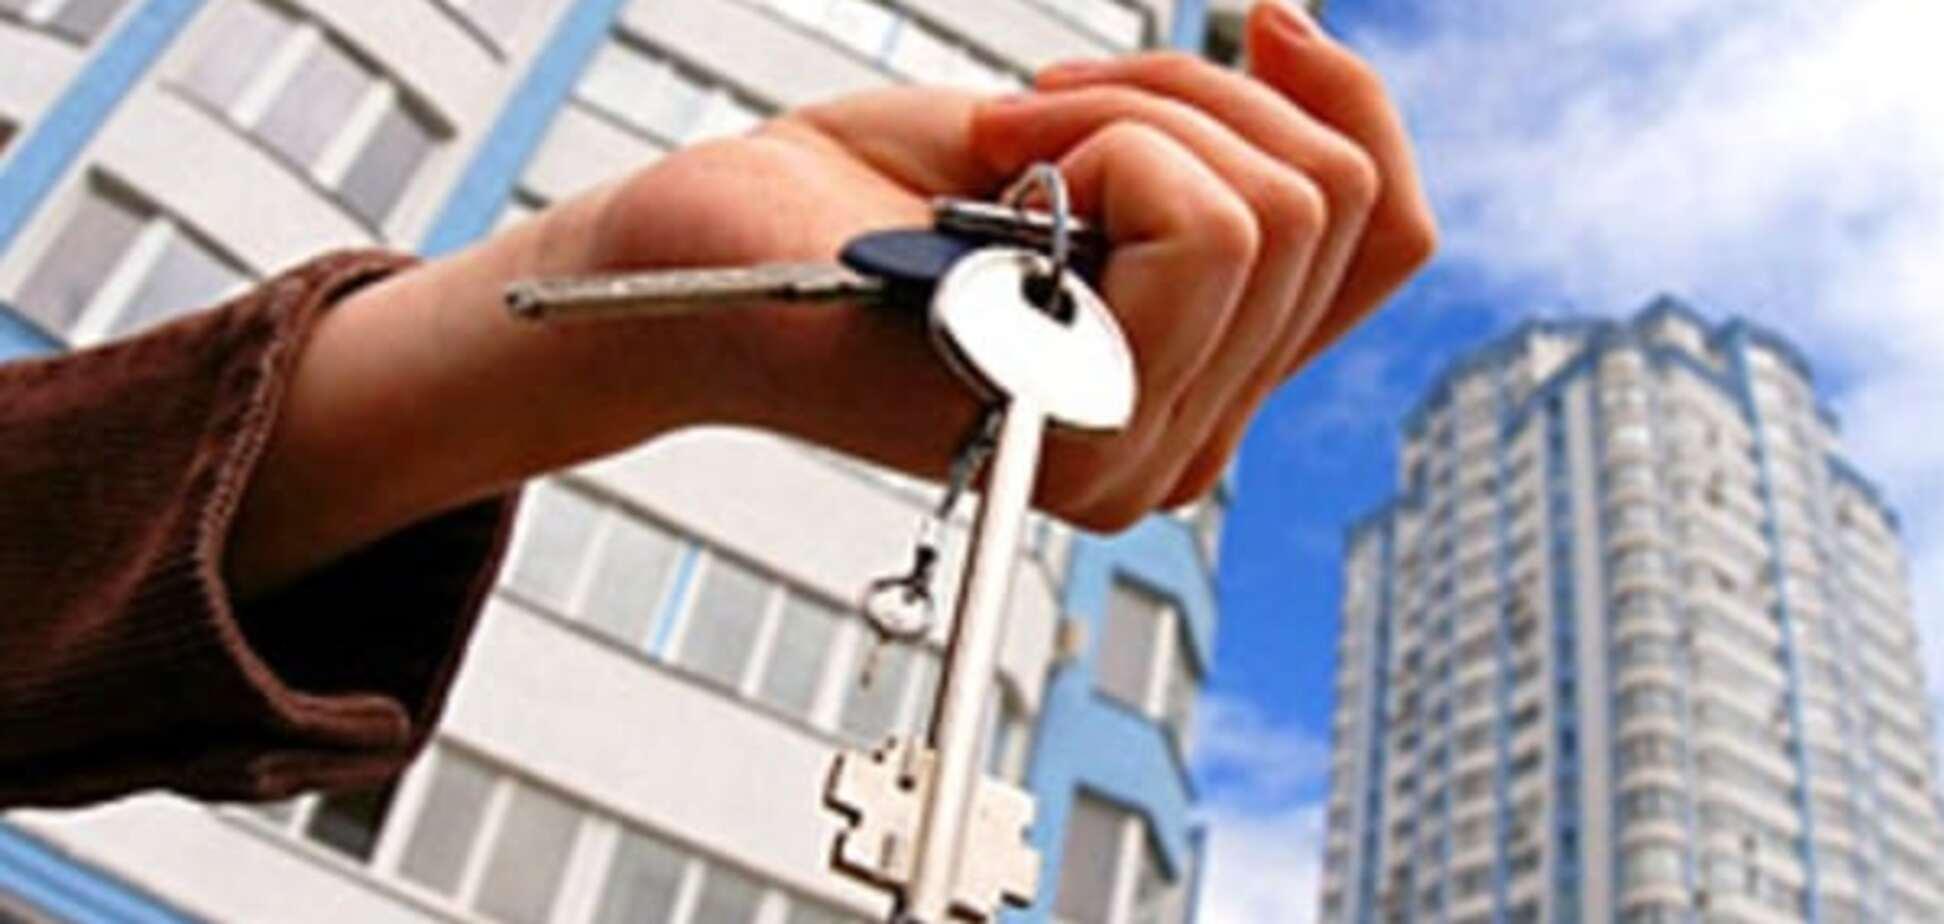 Нарасхват: эксперт рассказал о самом популярном жилье Киева в январе